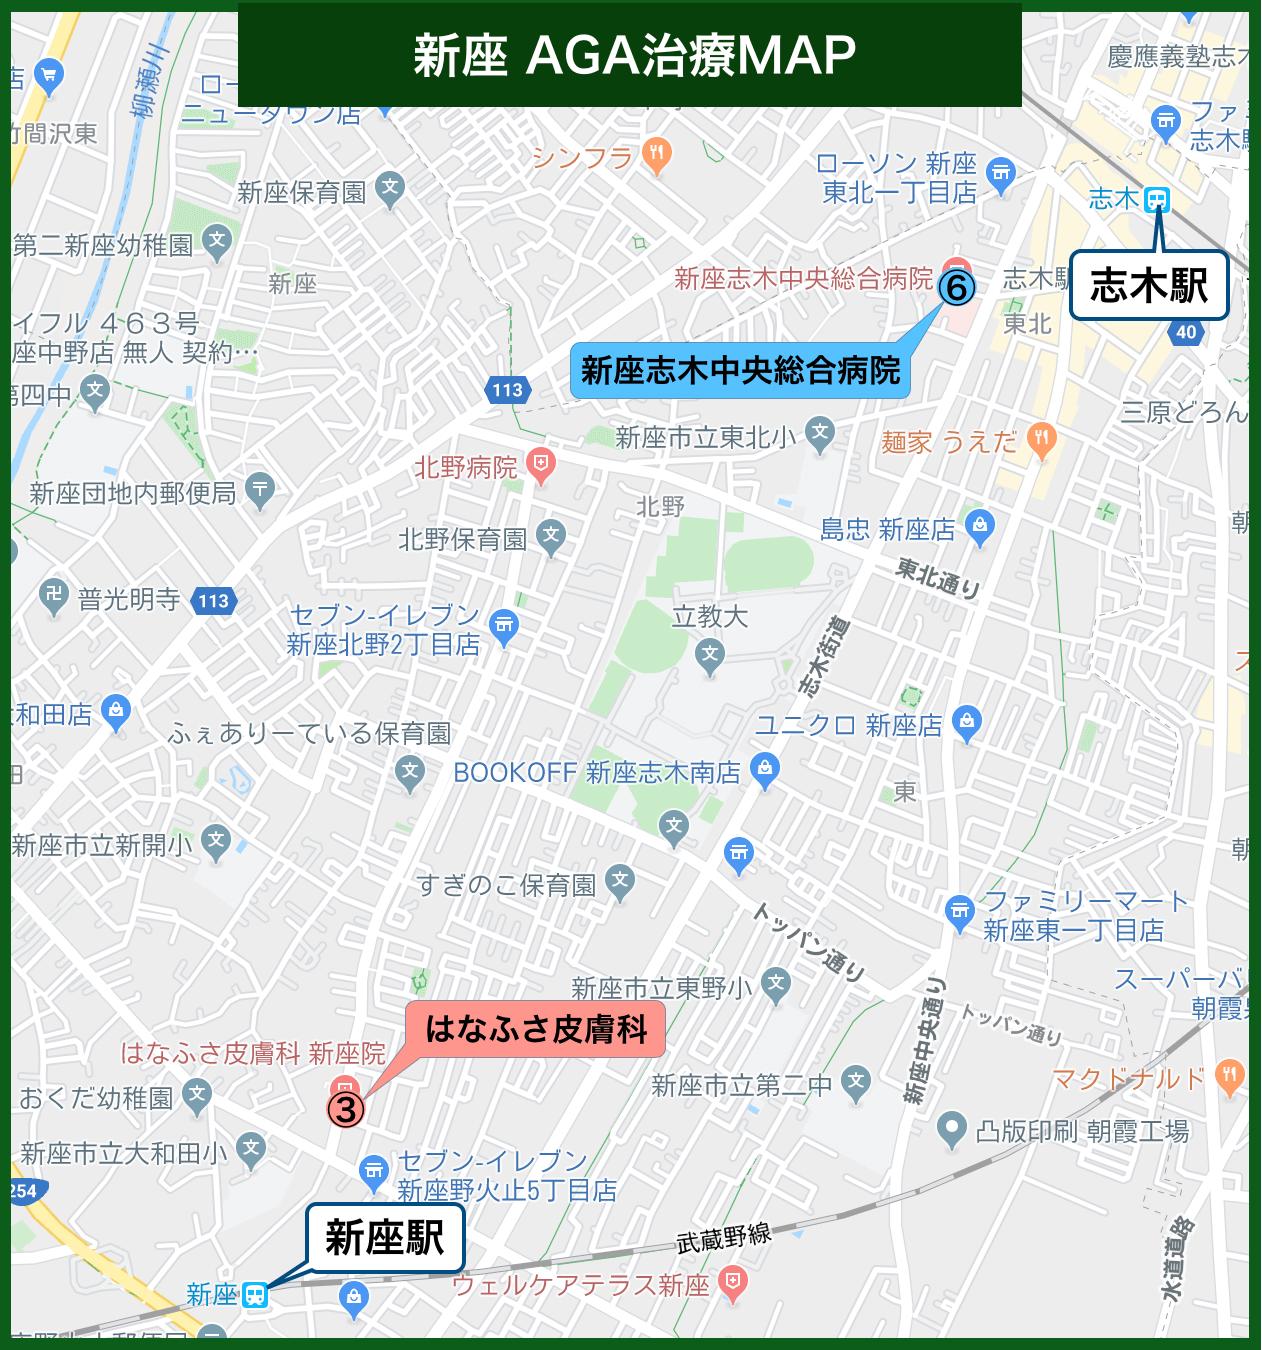 新座 AGA治療MAP